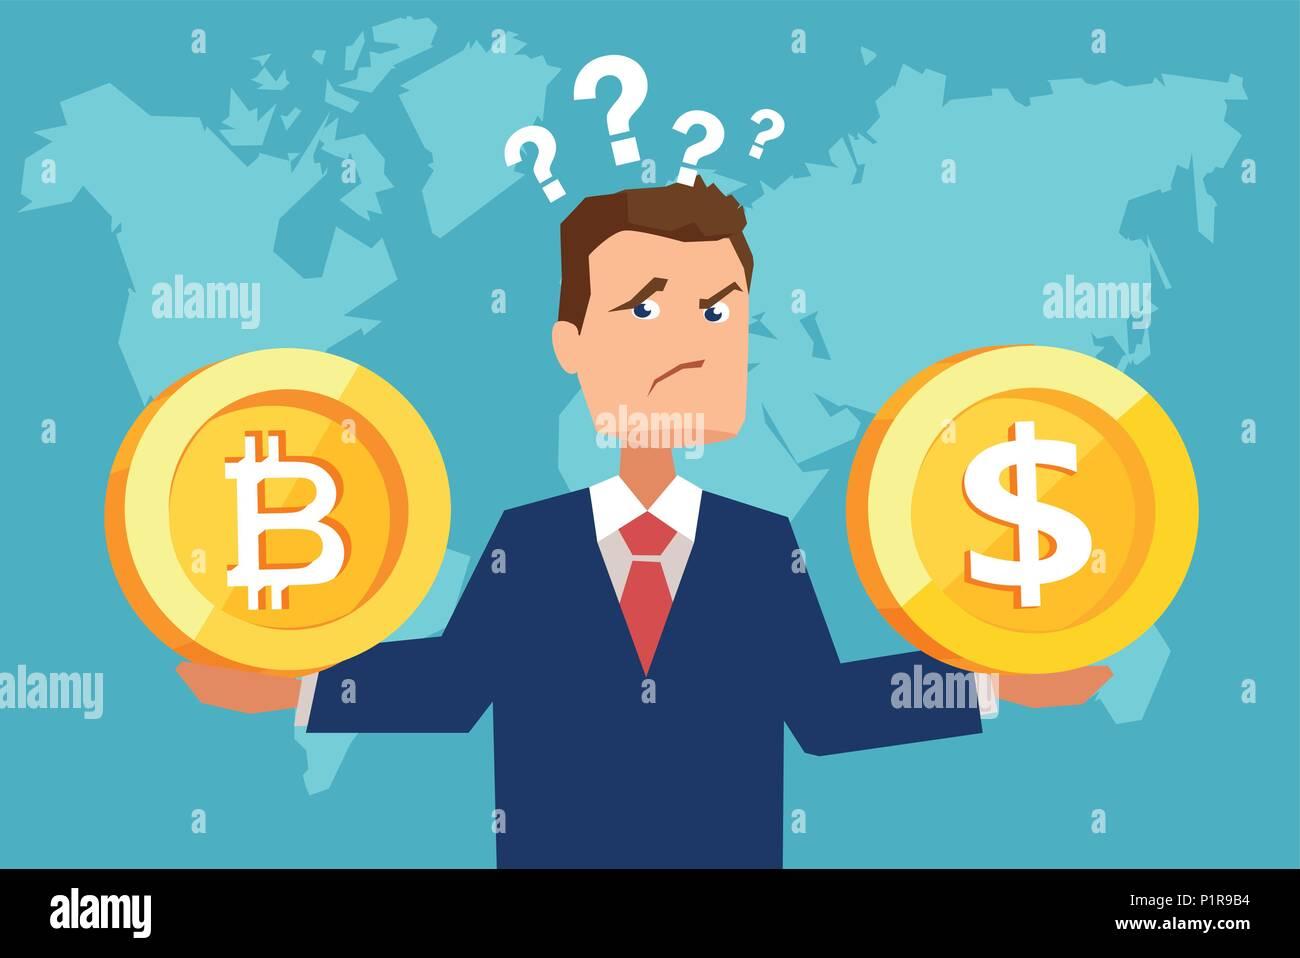 Imagen de estilo plano del empresario celebración dollar coin y buscando bitcoin confundirse con las finanzas. Imagen De Stock